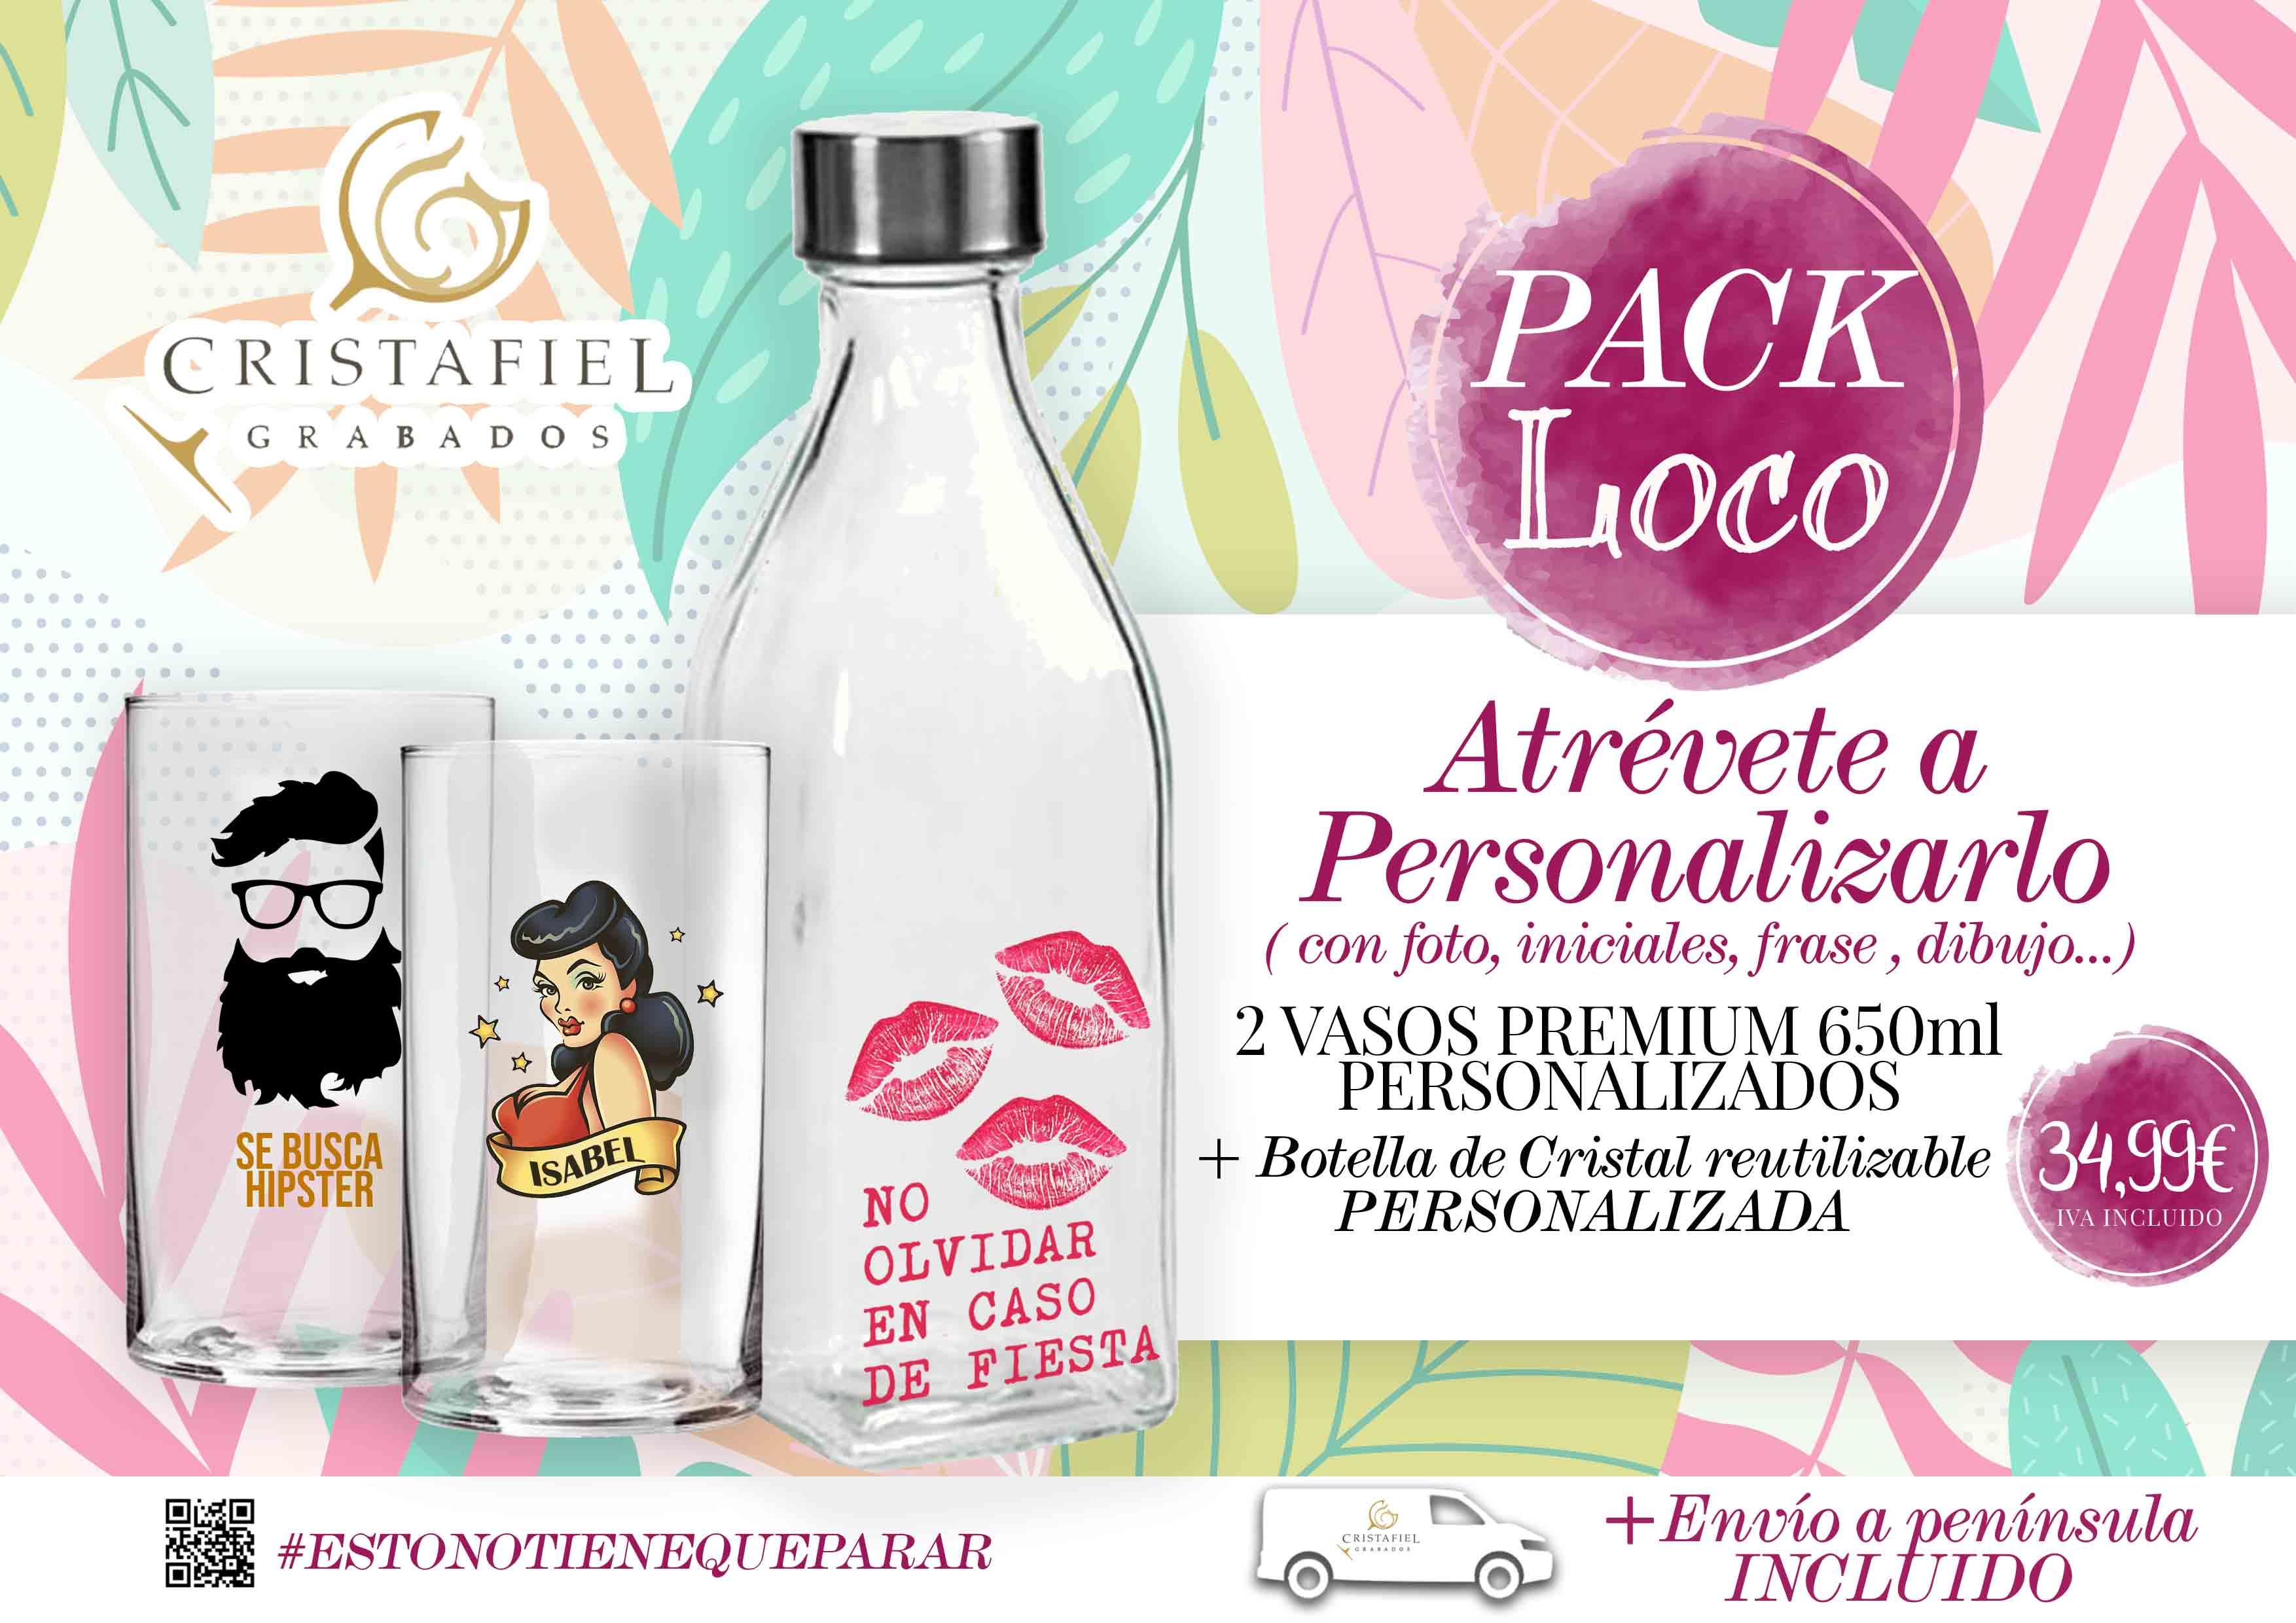 Regalo Gourmet Pack Loco Copas grabadas Grabados Cristafiel